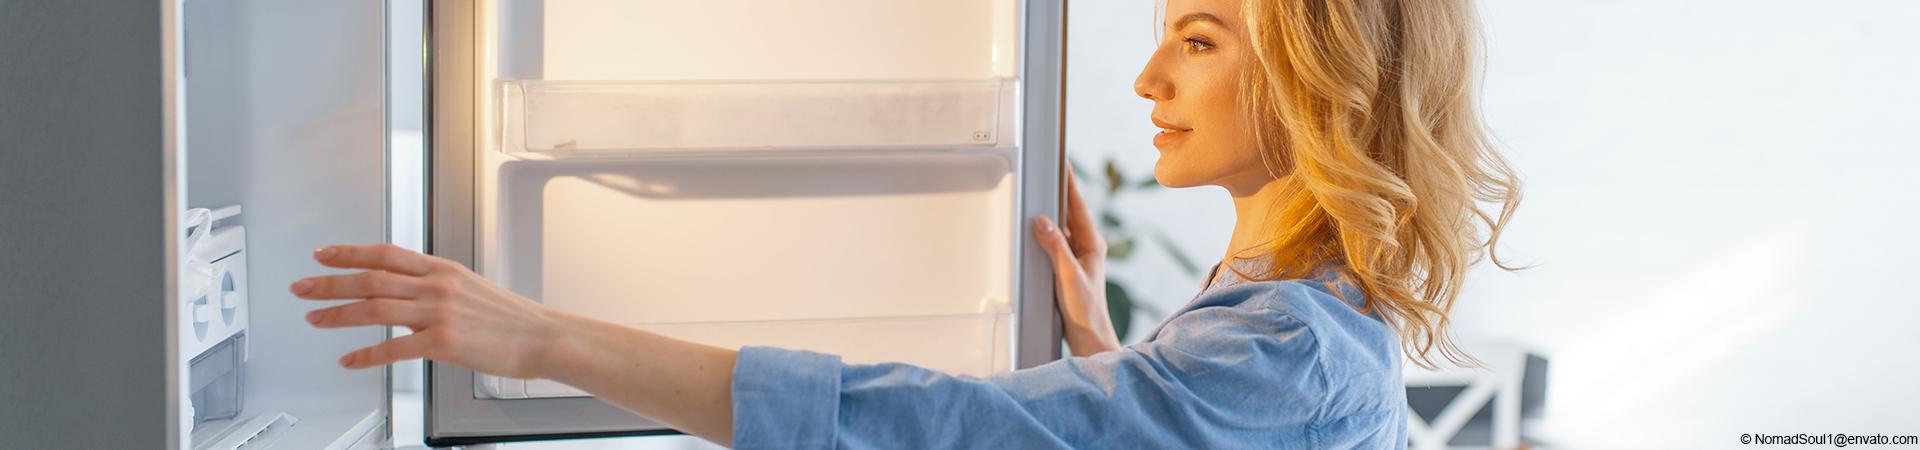 Wohnungsgenossenschaft Einheit Calbe eG - Kühlen Kopf bewahren 2